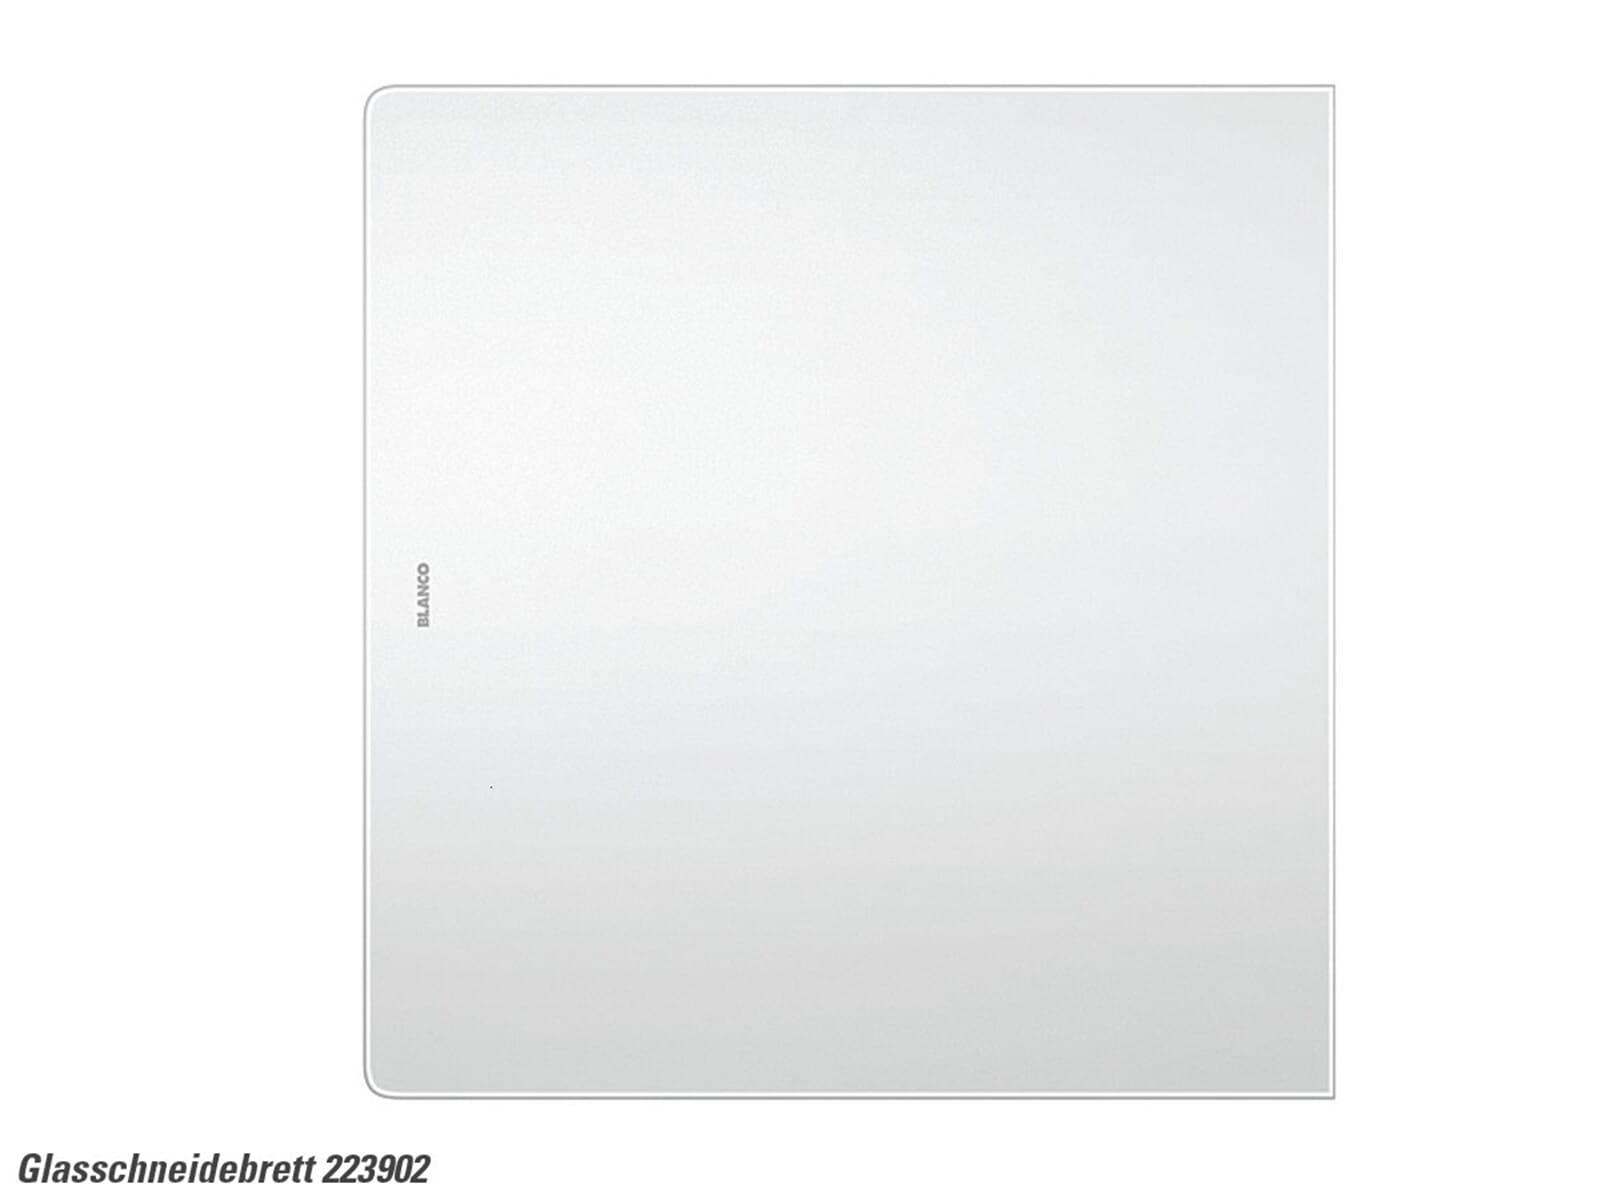 Blanco 223 902 Glasabdeckung weiß